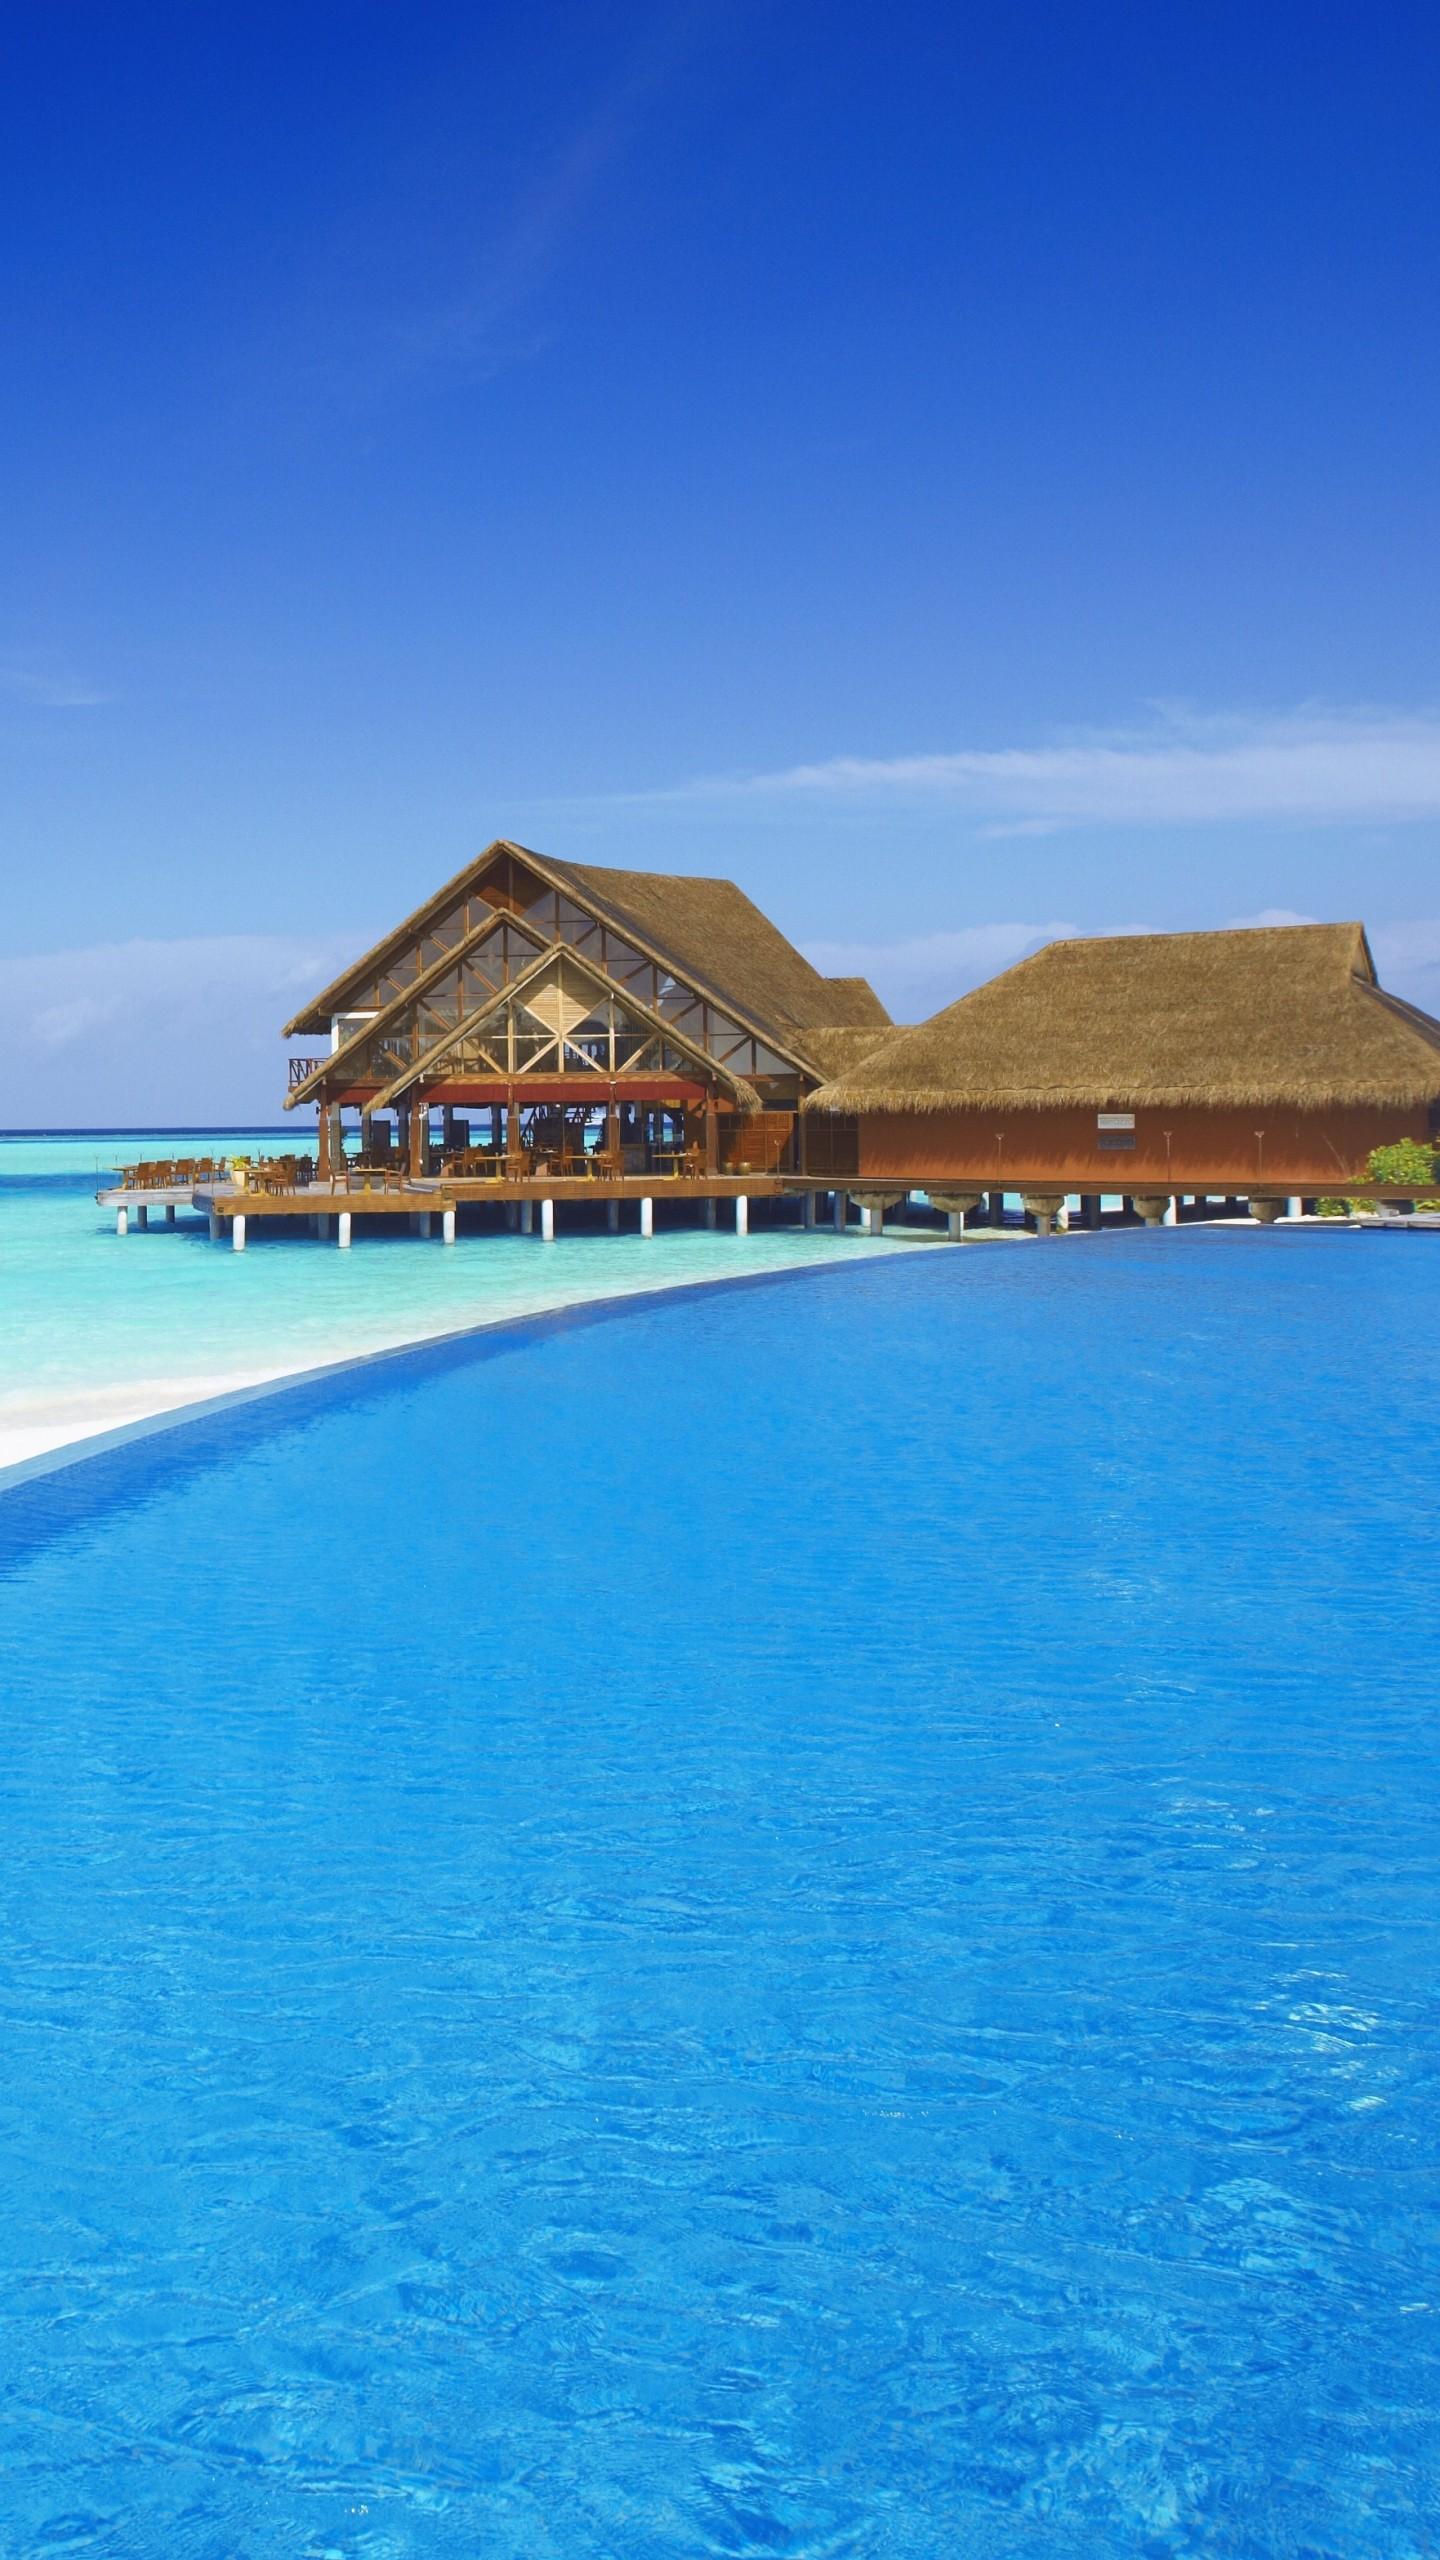 عکس زمینه استراحتگاه ساحل مالدیو پس زمینه